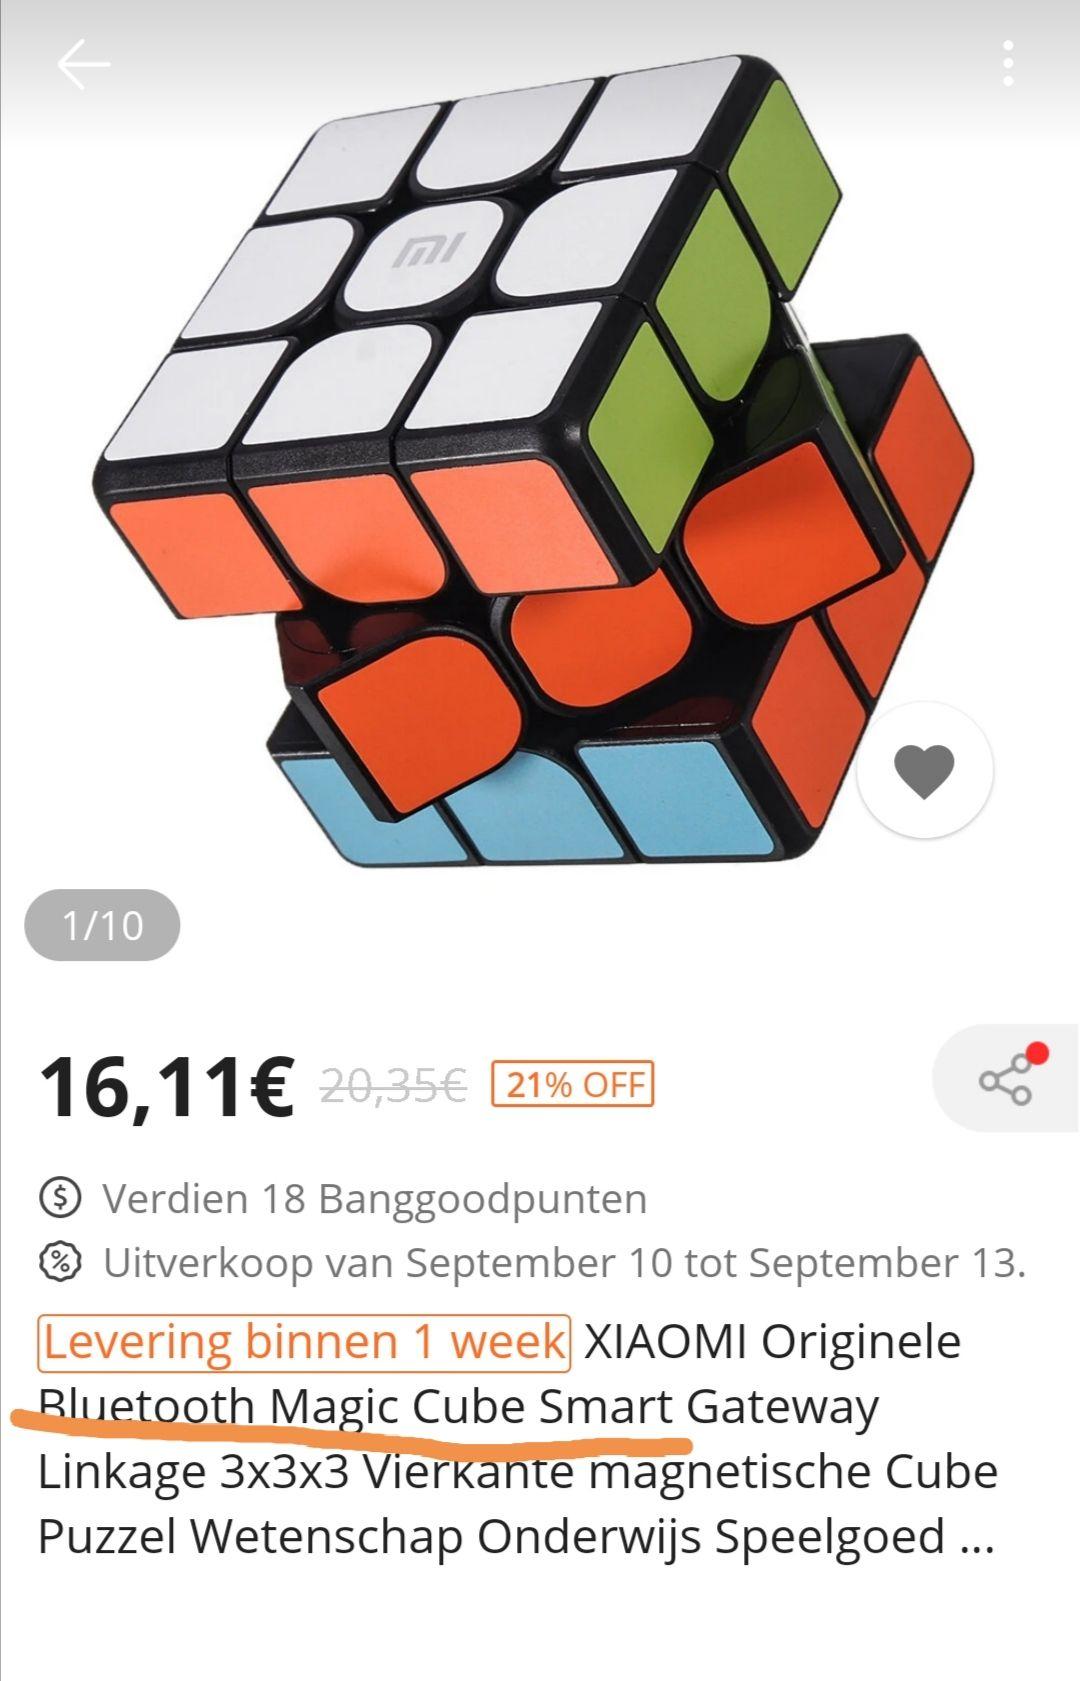 1379458-A5cV1.jpg